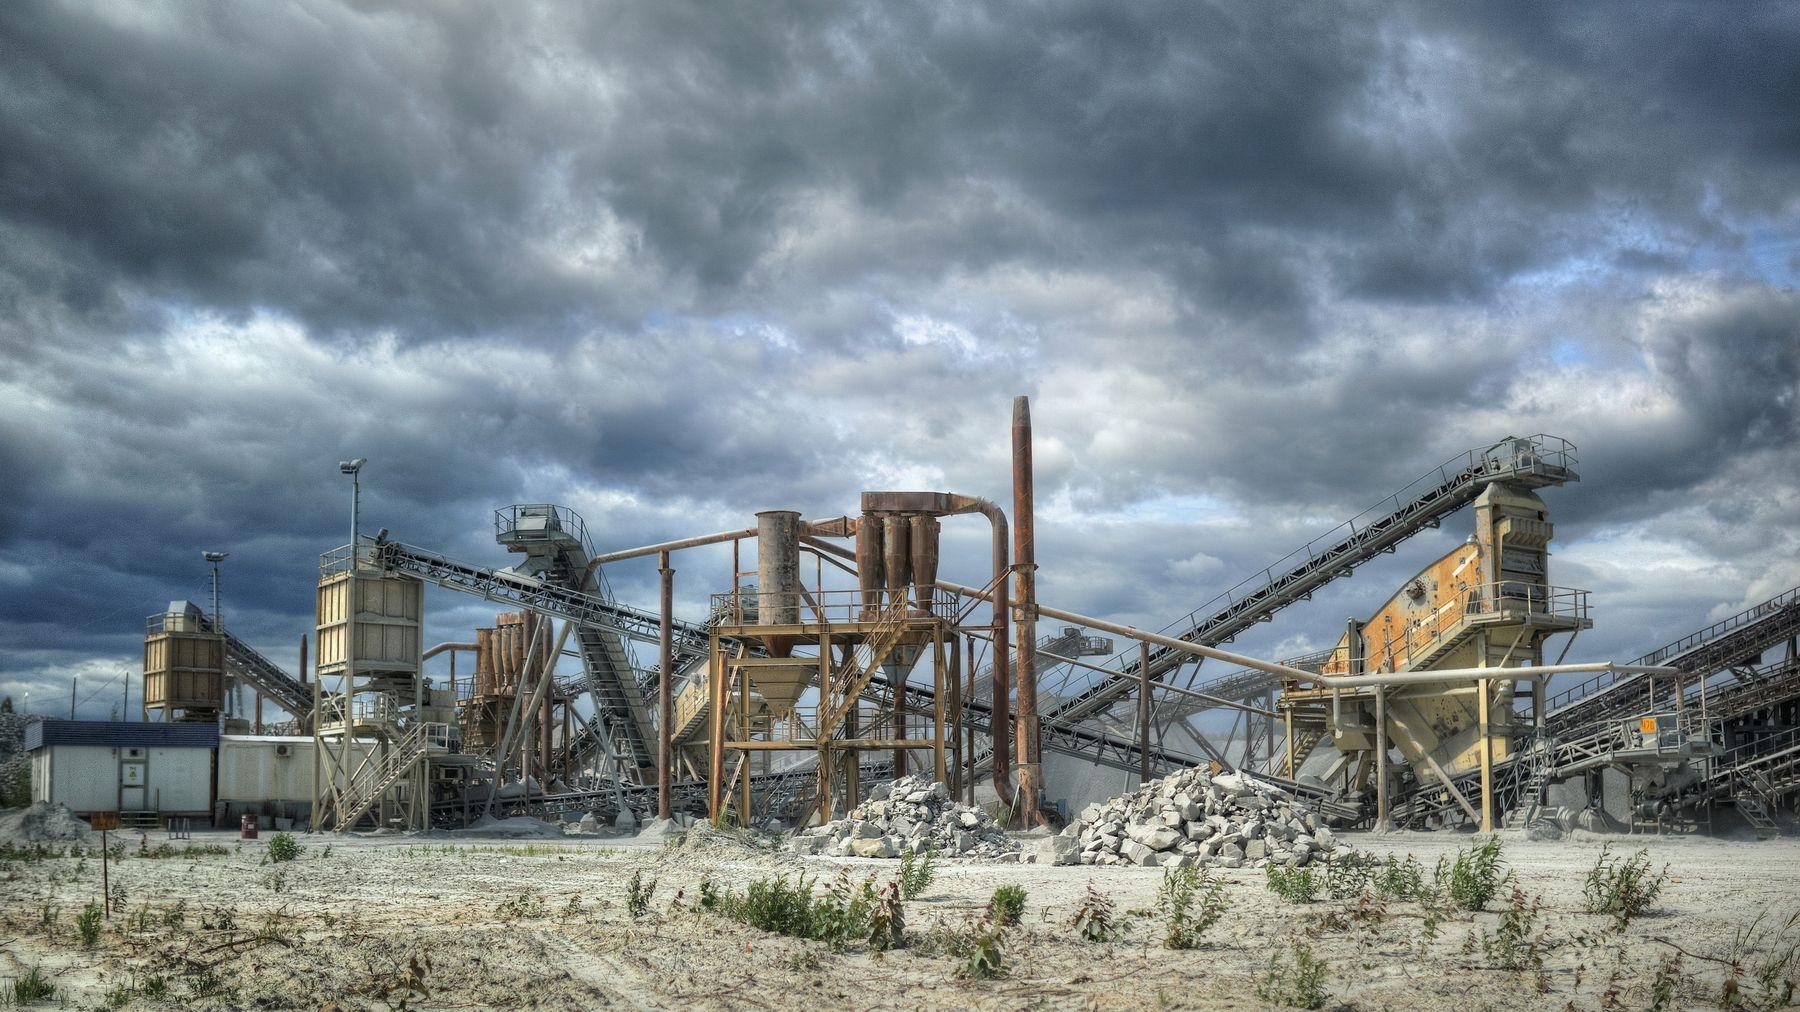 .. индастриал .. индастриал промышленность завод карьер добыча полезных ископаемых